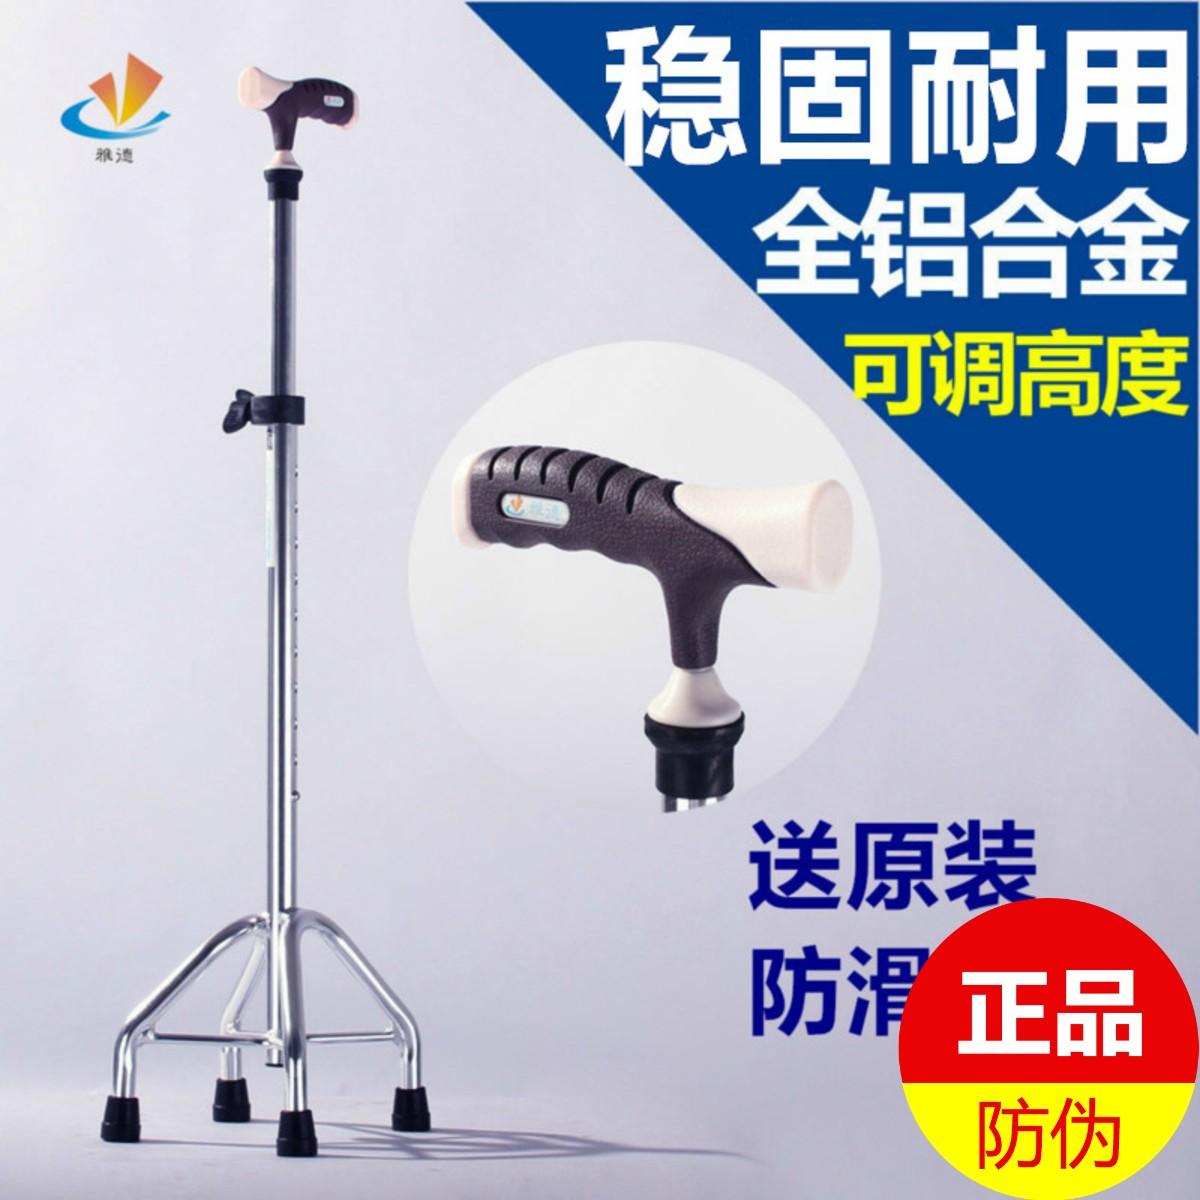 Старики медицинская пожилой скольжение четыре углы костыль Zhang ноги поворот палка рука тростник четыре нога четыре лапы сверхлегкий помогите силовой привод